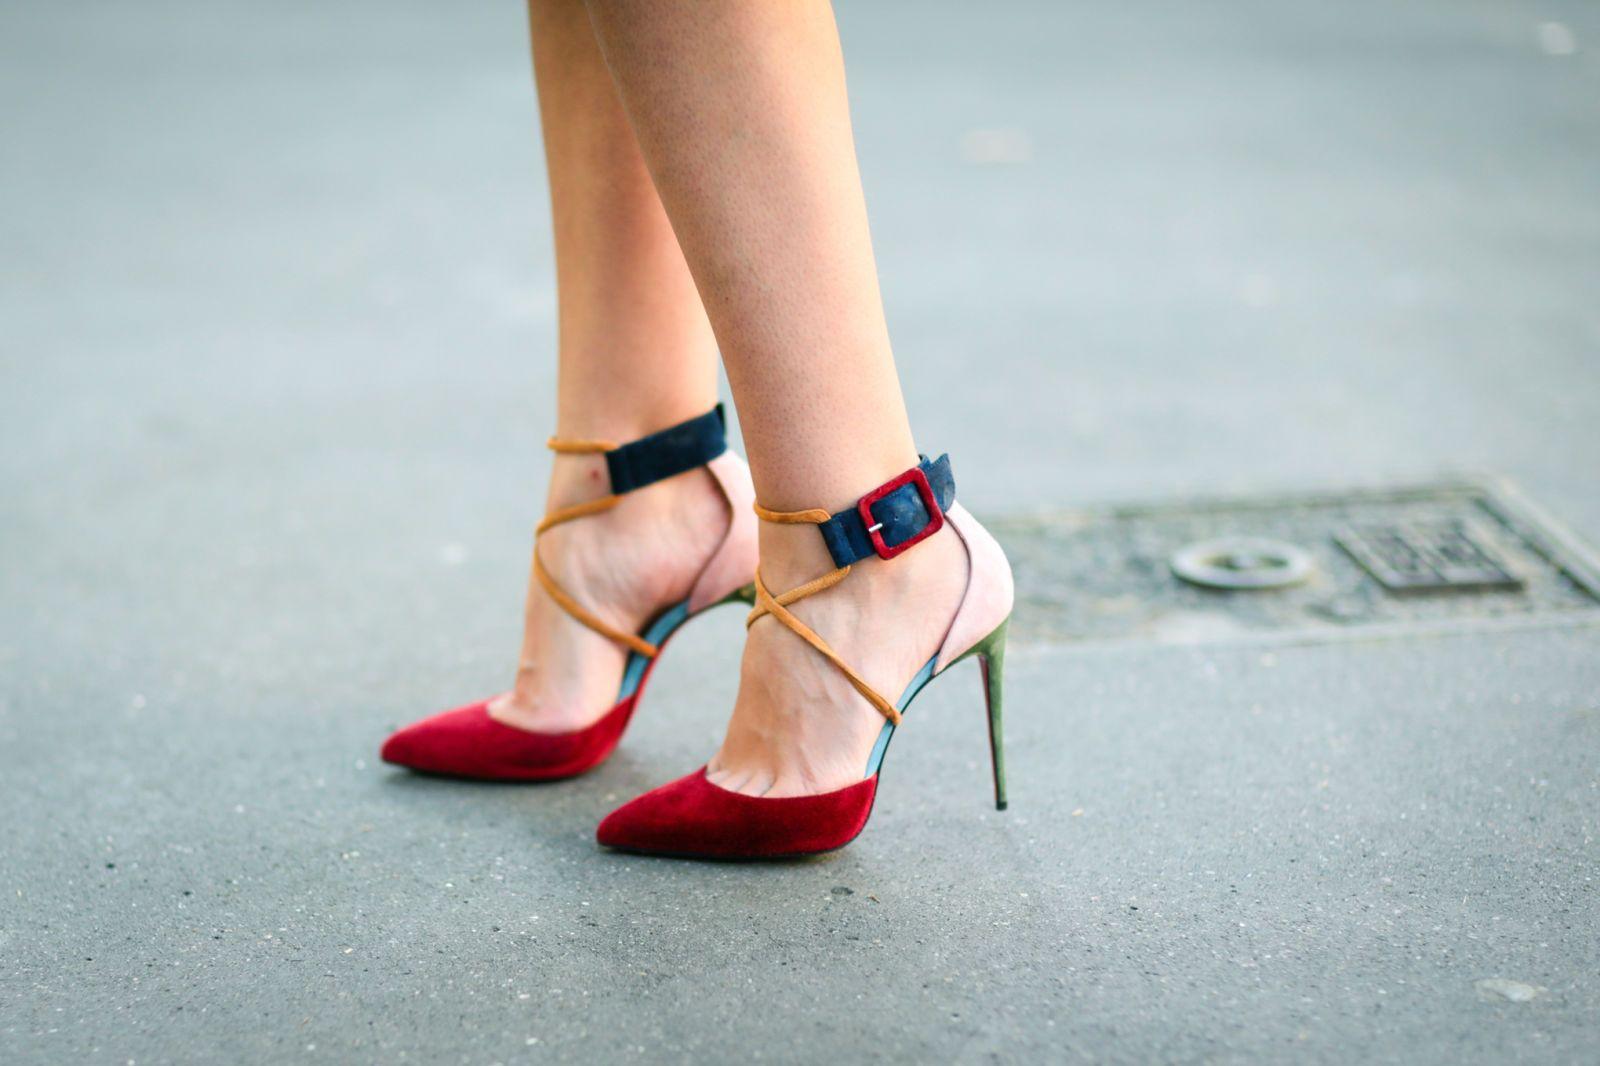 immagini scarpe louboutin